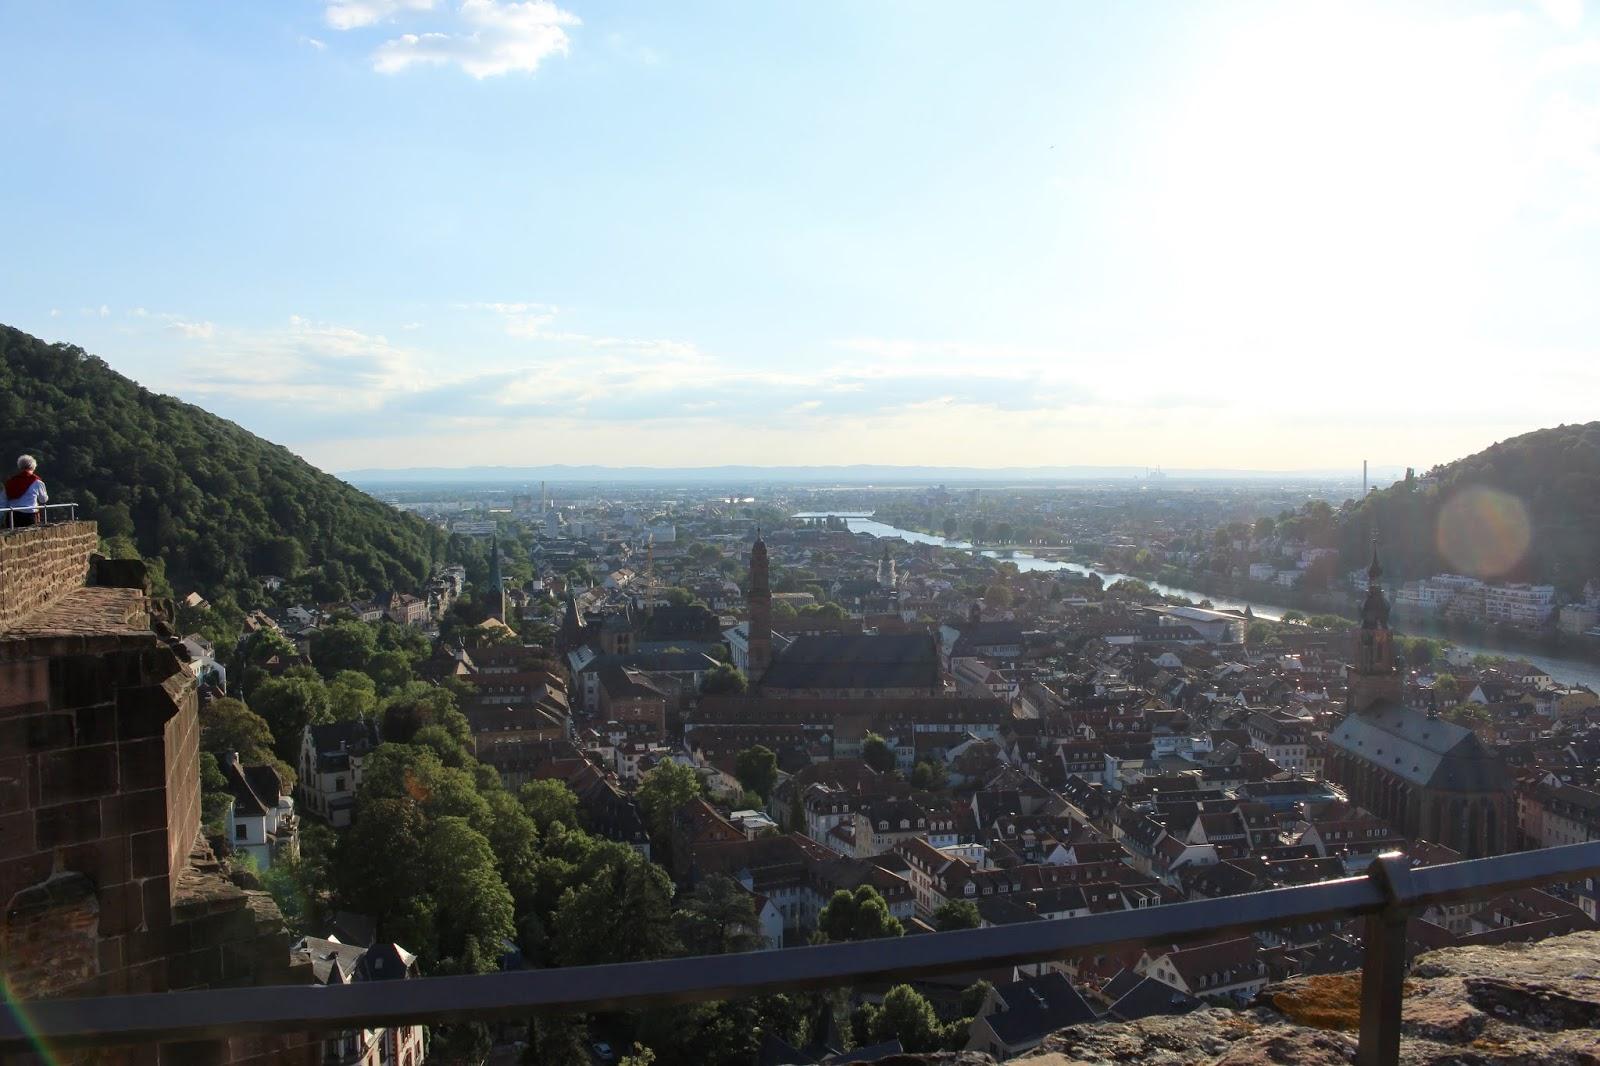 Der Diener zweier Herren von Goldoni bei den Heidelberger Schlossfestspielen: Blick auf Heidelberg; Foto: Yushka Brand